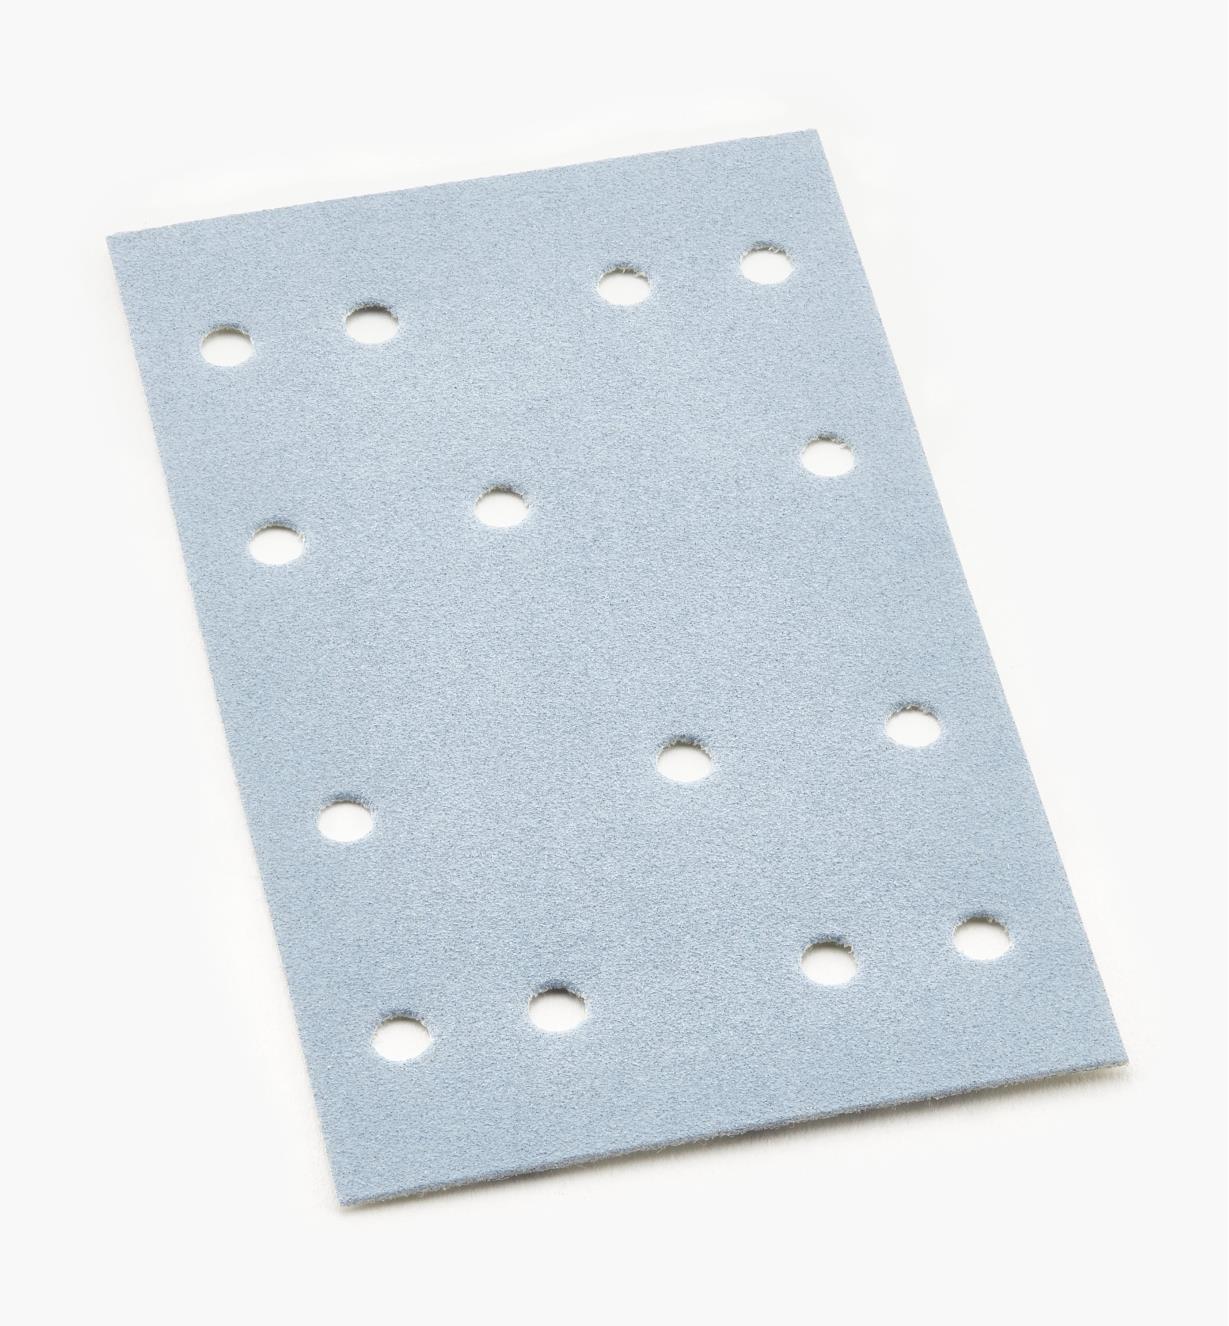 ZA497122 - Granat (P 180), Qty. 100